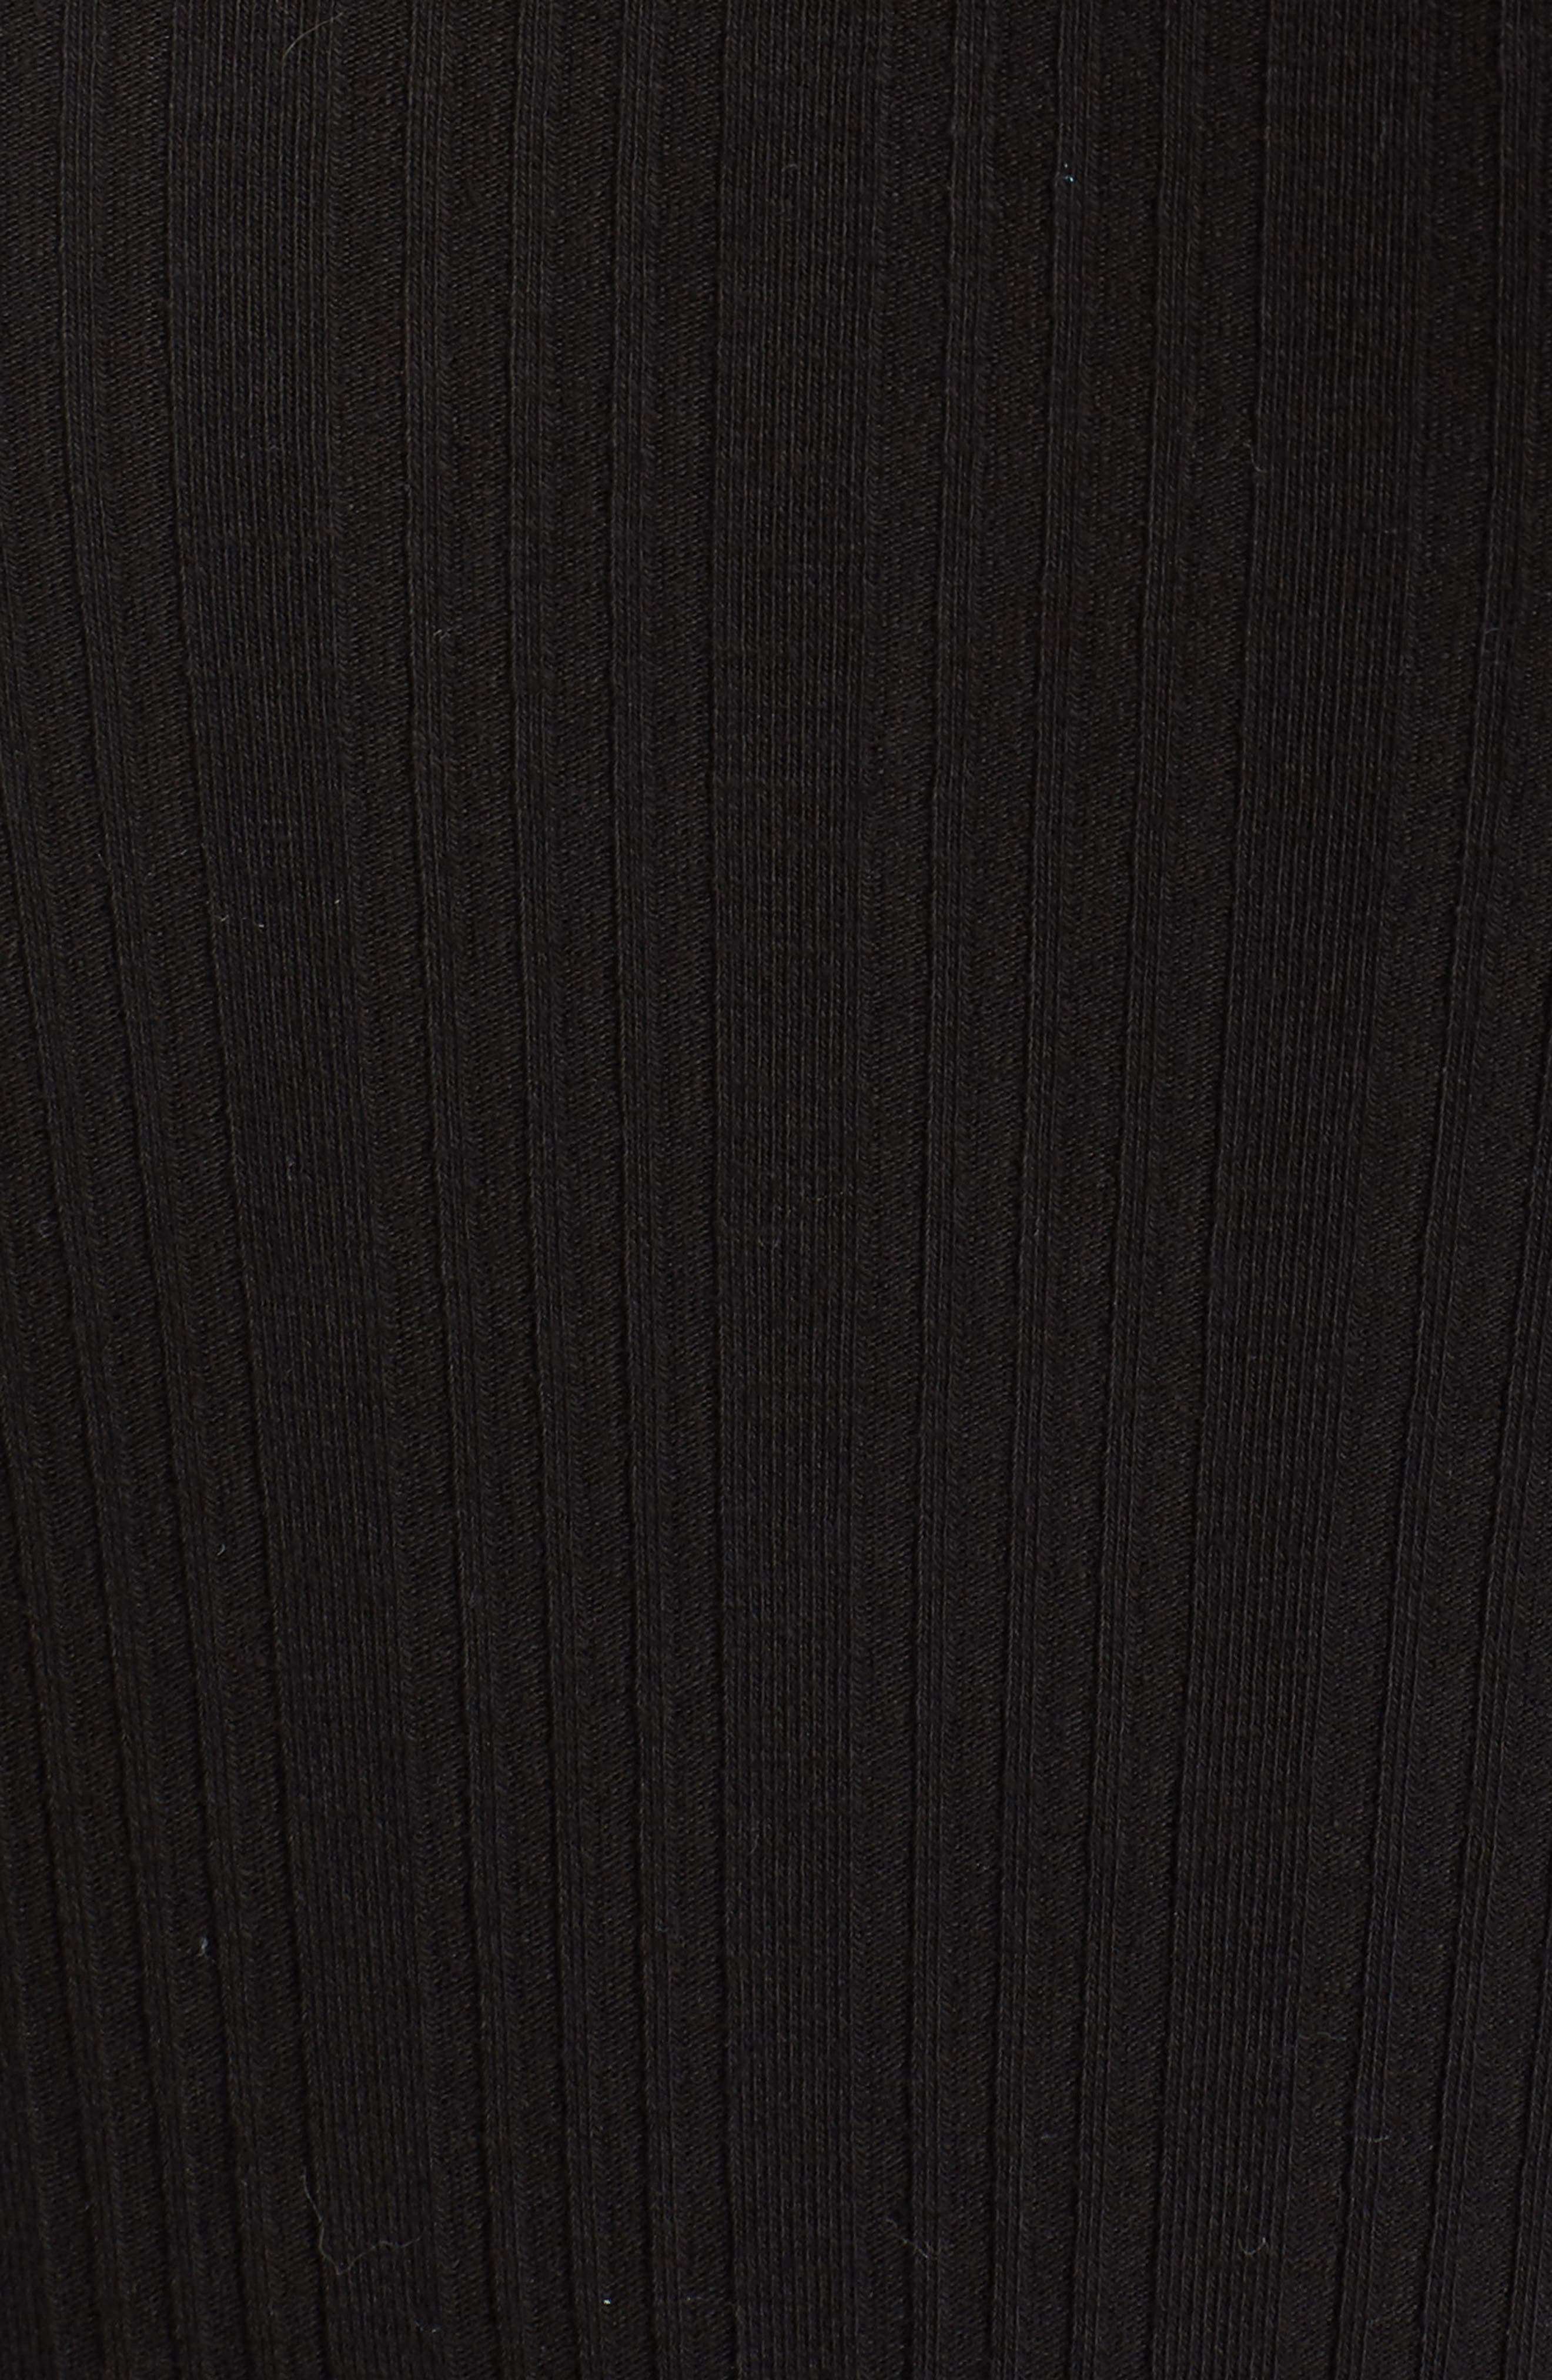 Ribbed Lace Trim Bodysuit,                             Alternate thumbnail 5, color,                             001